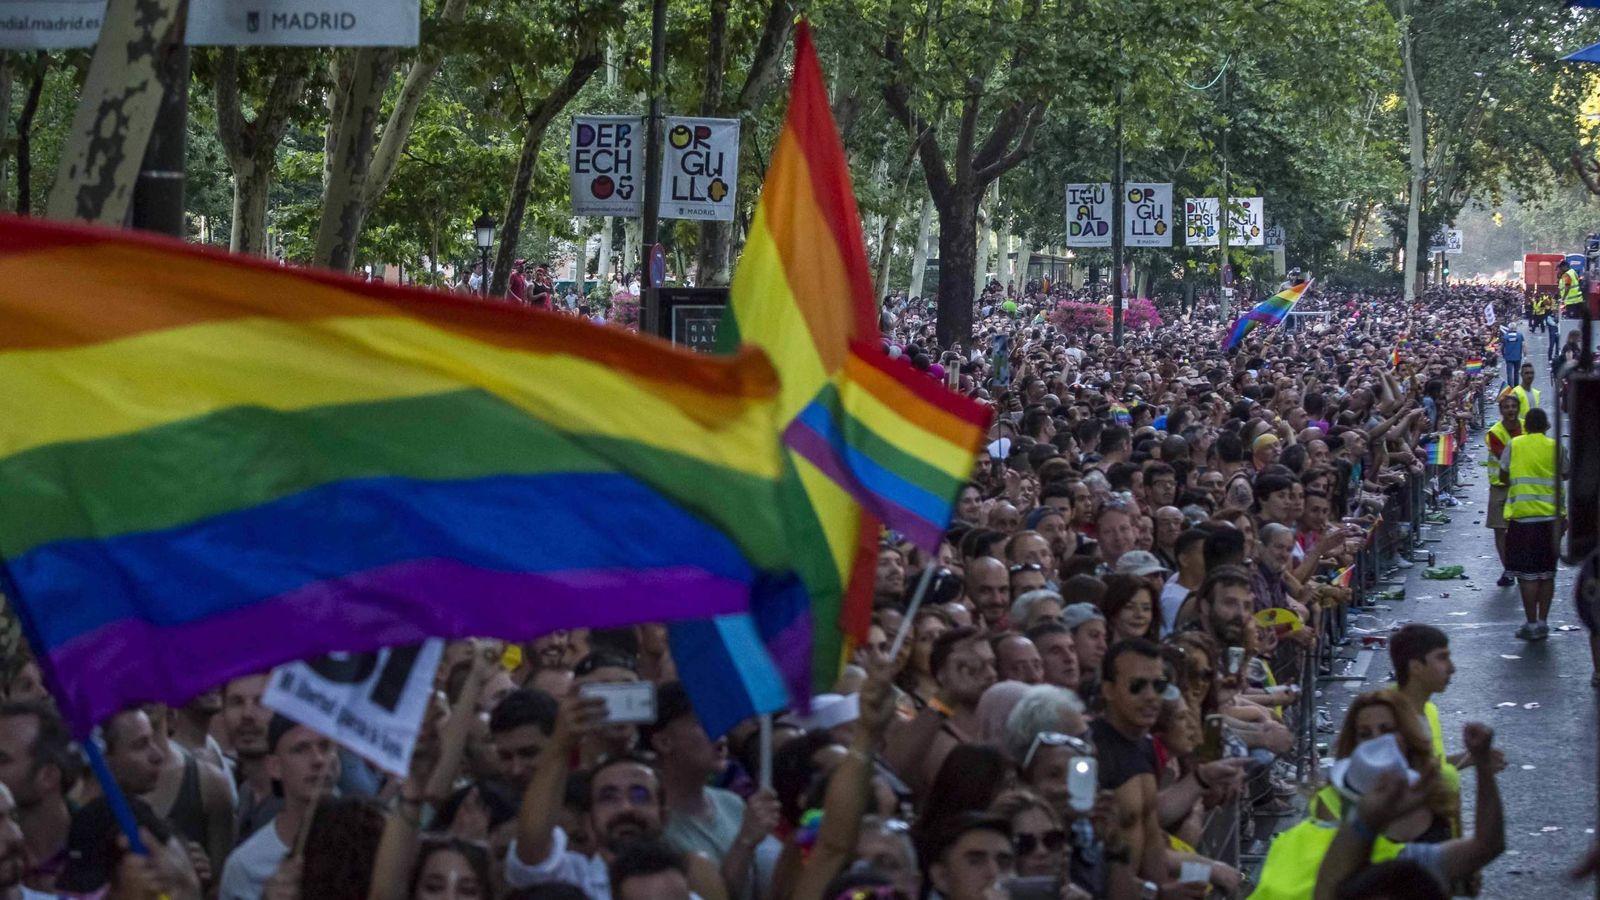 El Orgullo Gay Ya Esta Aqui Diccionario Basico Para Entender El Movimiento Lgtbi